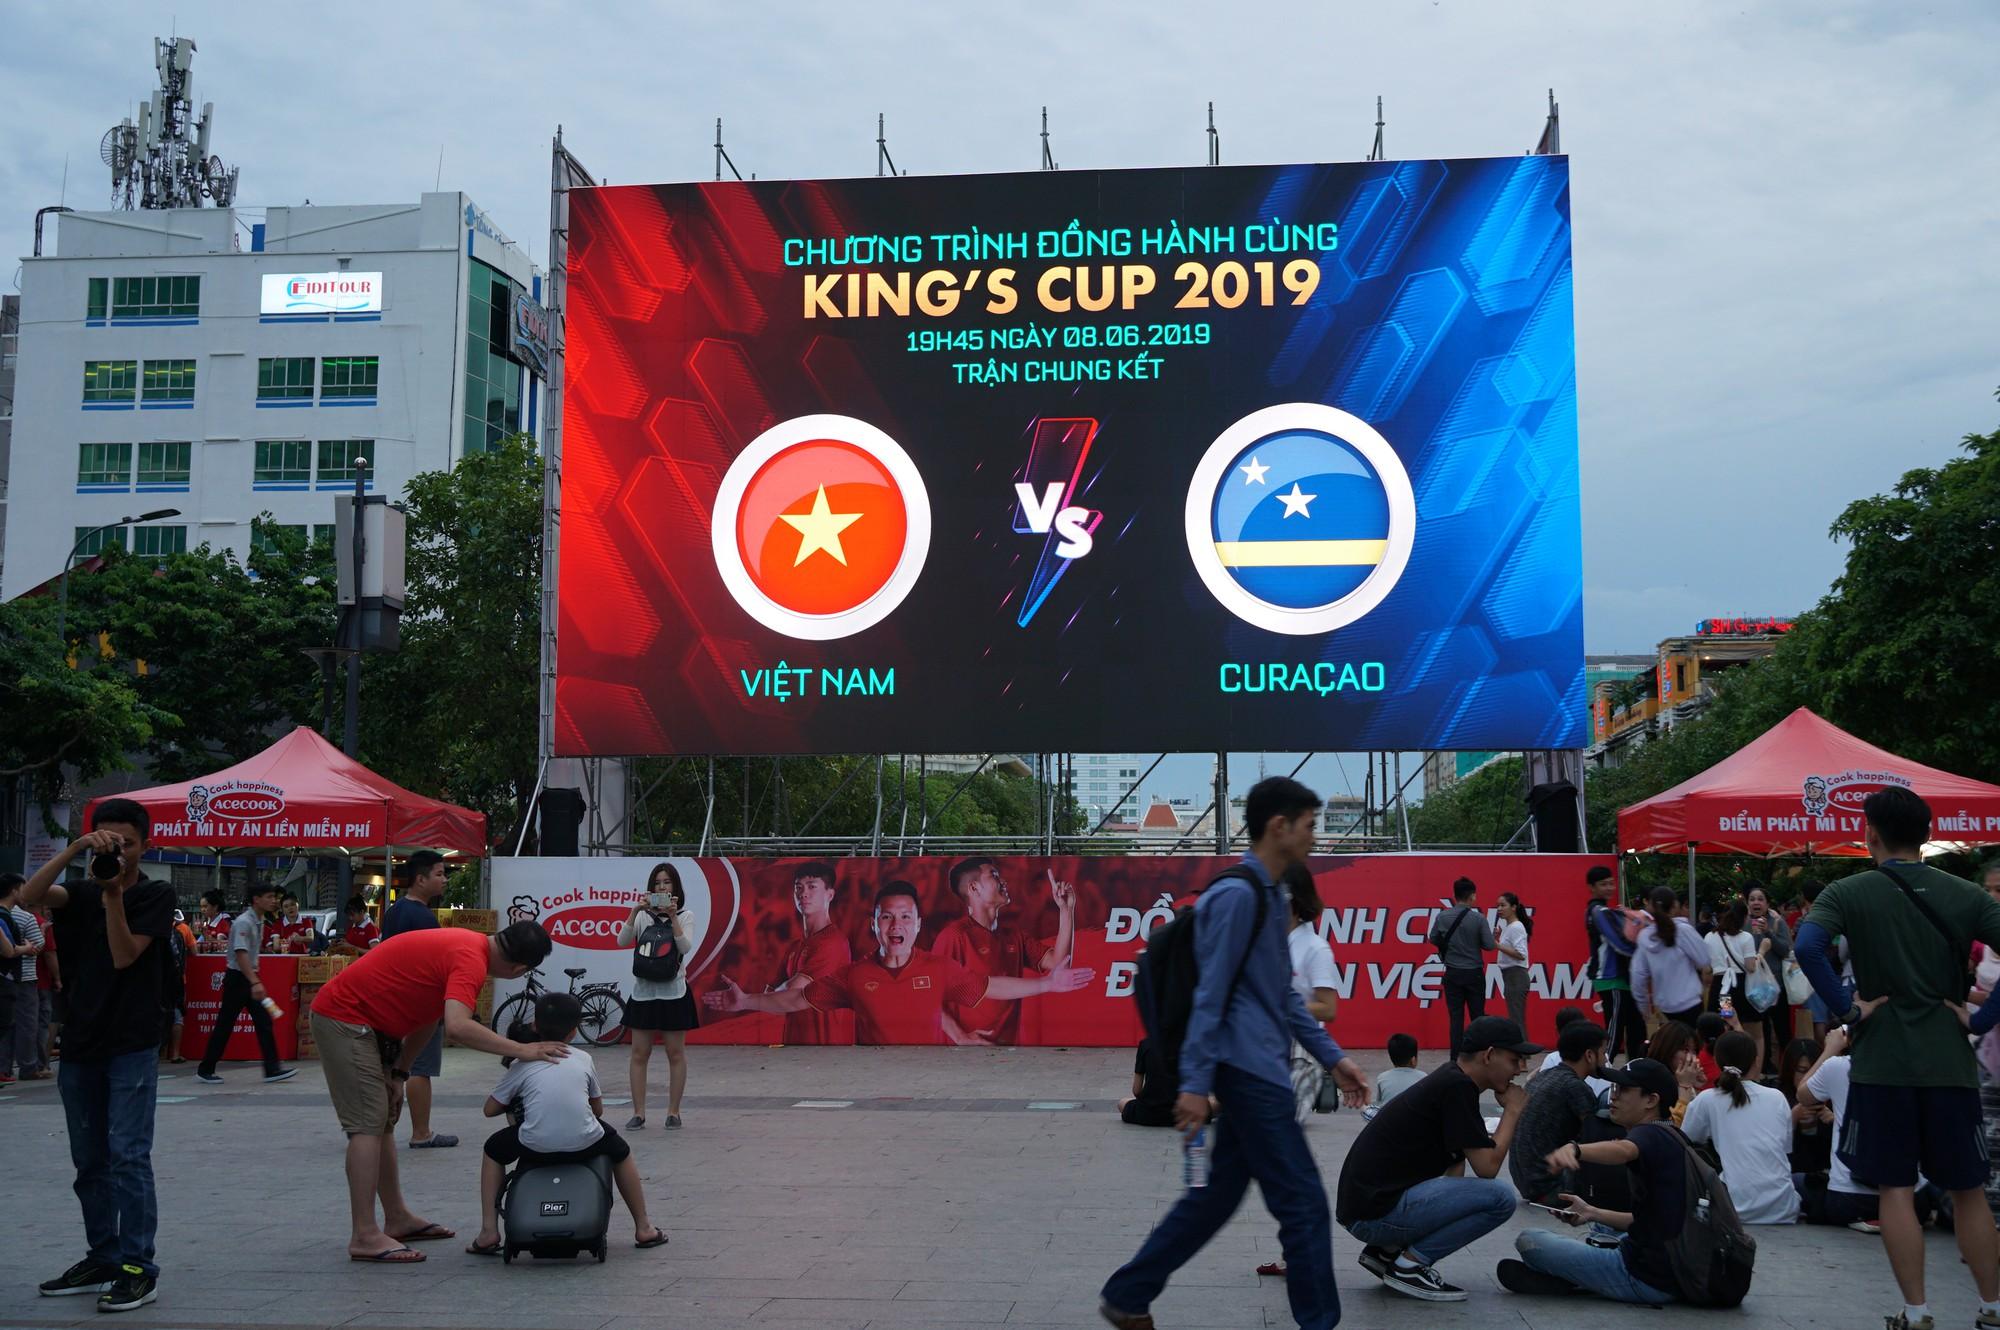 Khách Tây ở Sài Gòn xuống phố đi bộ Nguyễn Huệ tiếp lửa cho thầy trò HLV Park Hang-seo tranh ngôi vương Kings Cup  - Ảnh 1.